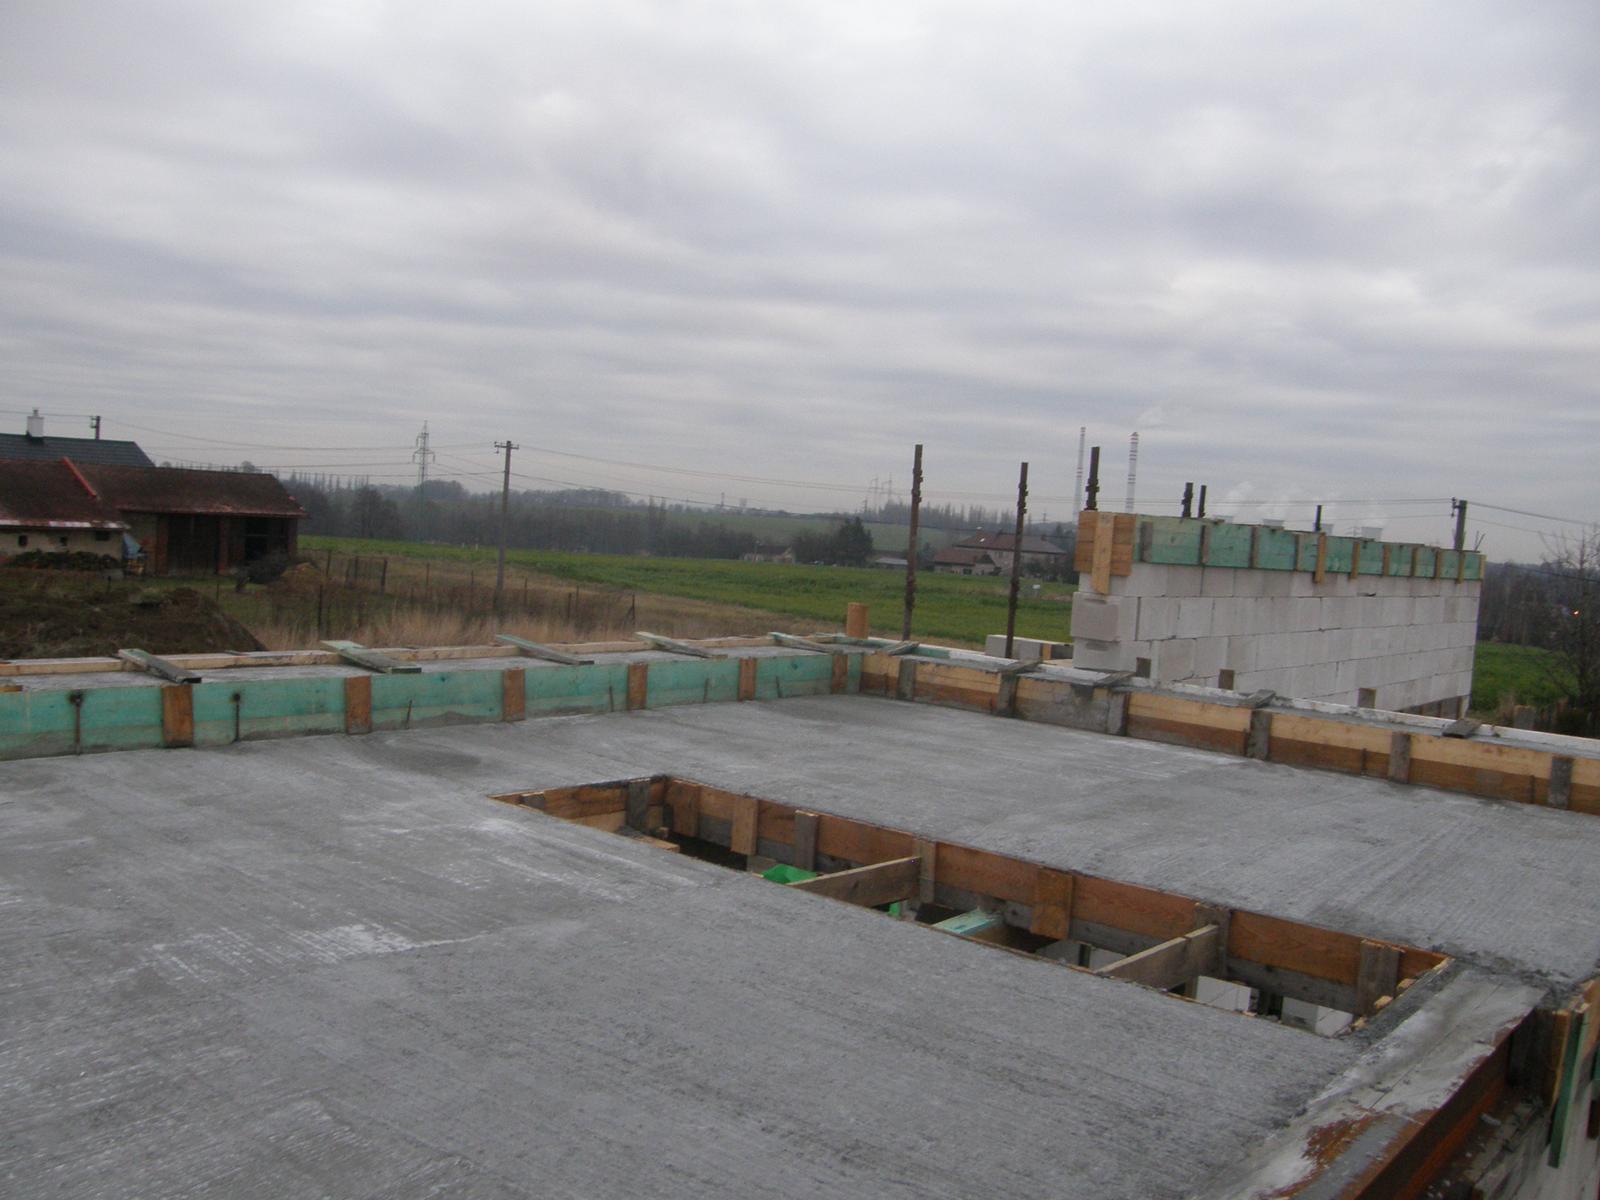 Bungalov 1477 od Euroline - 2.12.2015 Počasí přeje, zima víc než mírná a tak je bez problémů zabetonováno - cca 10 kubíků betonu.